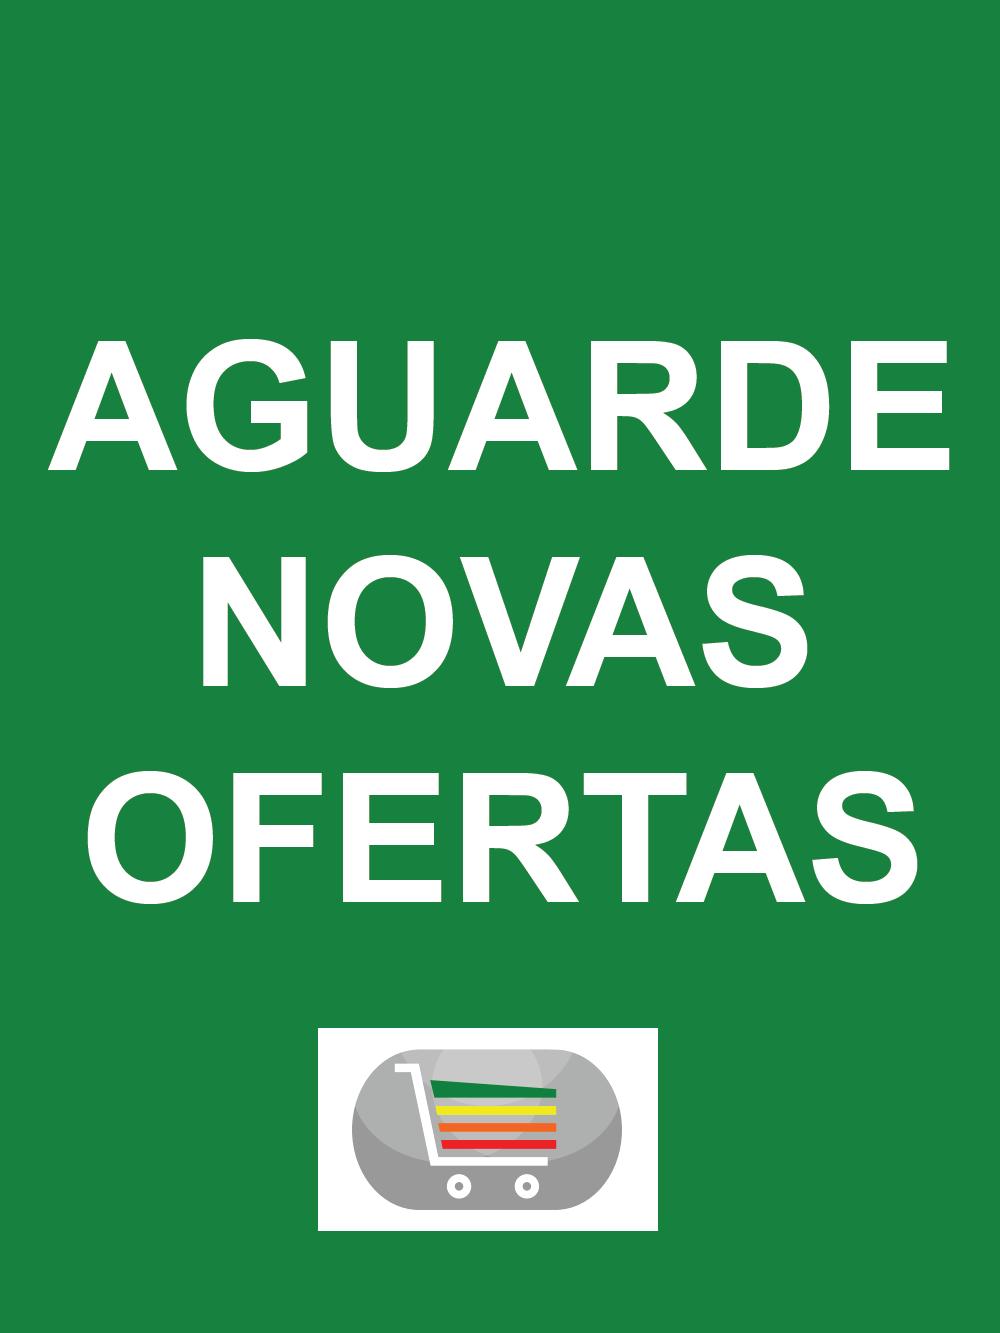 ofertas_de_supermercados43-3-21-5 Zaffari até 13/10